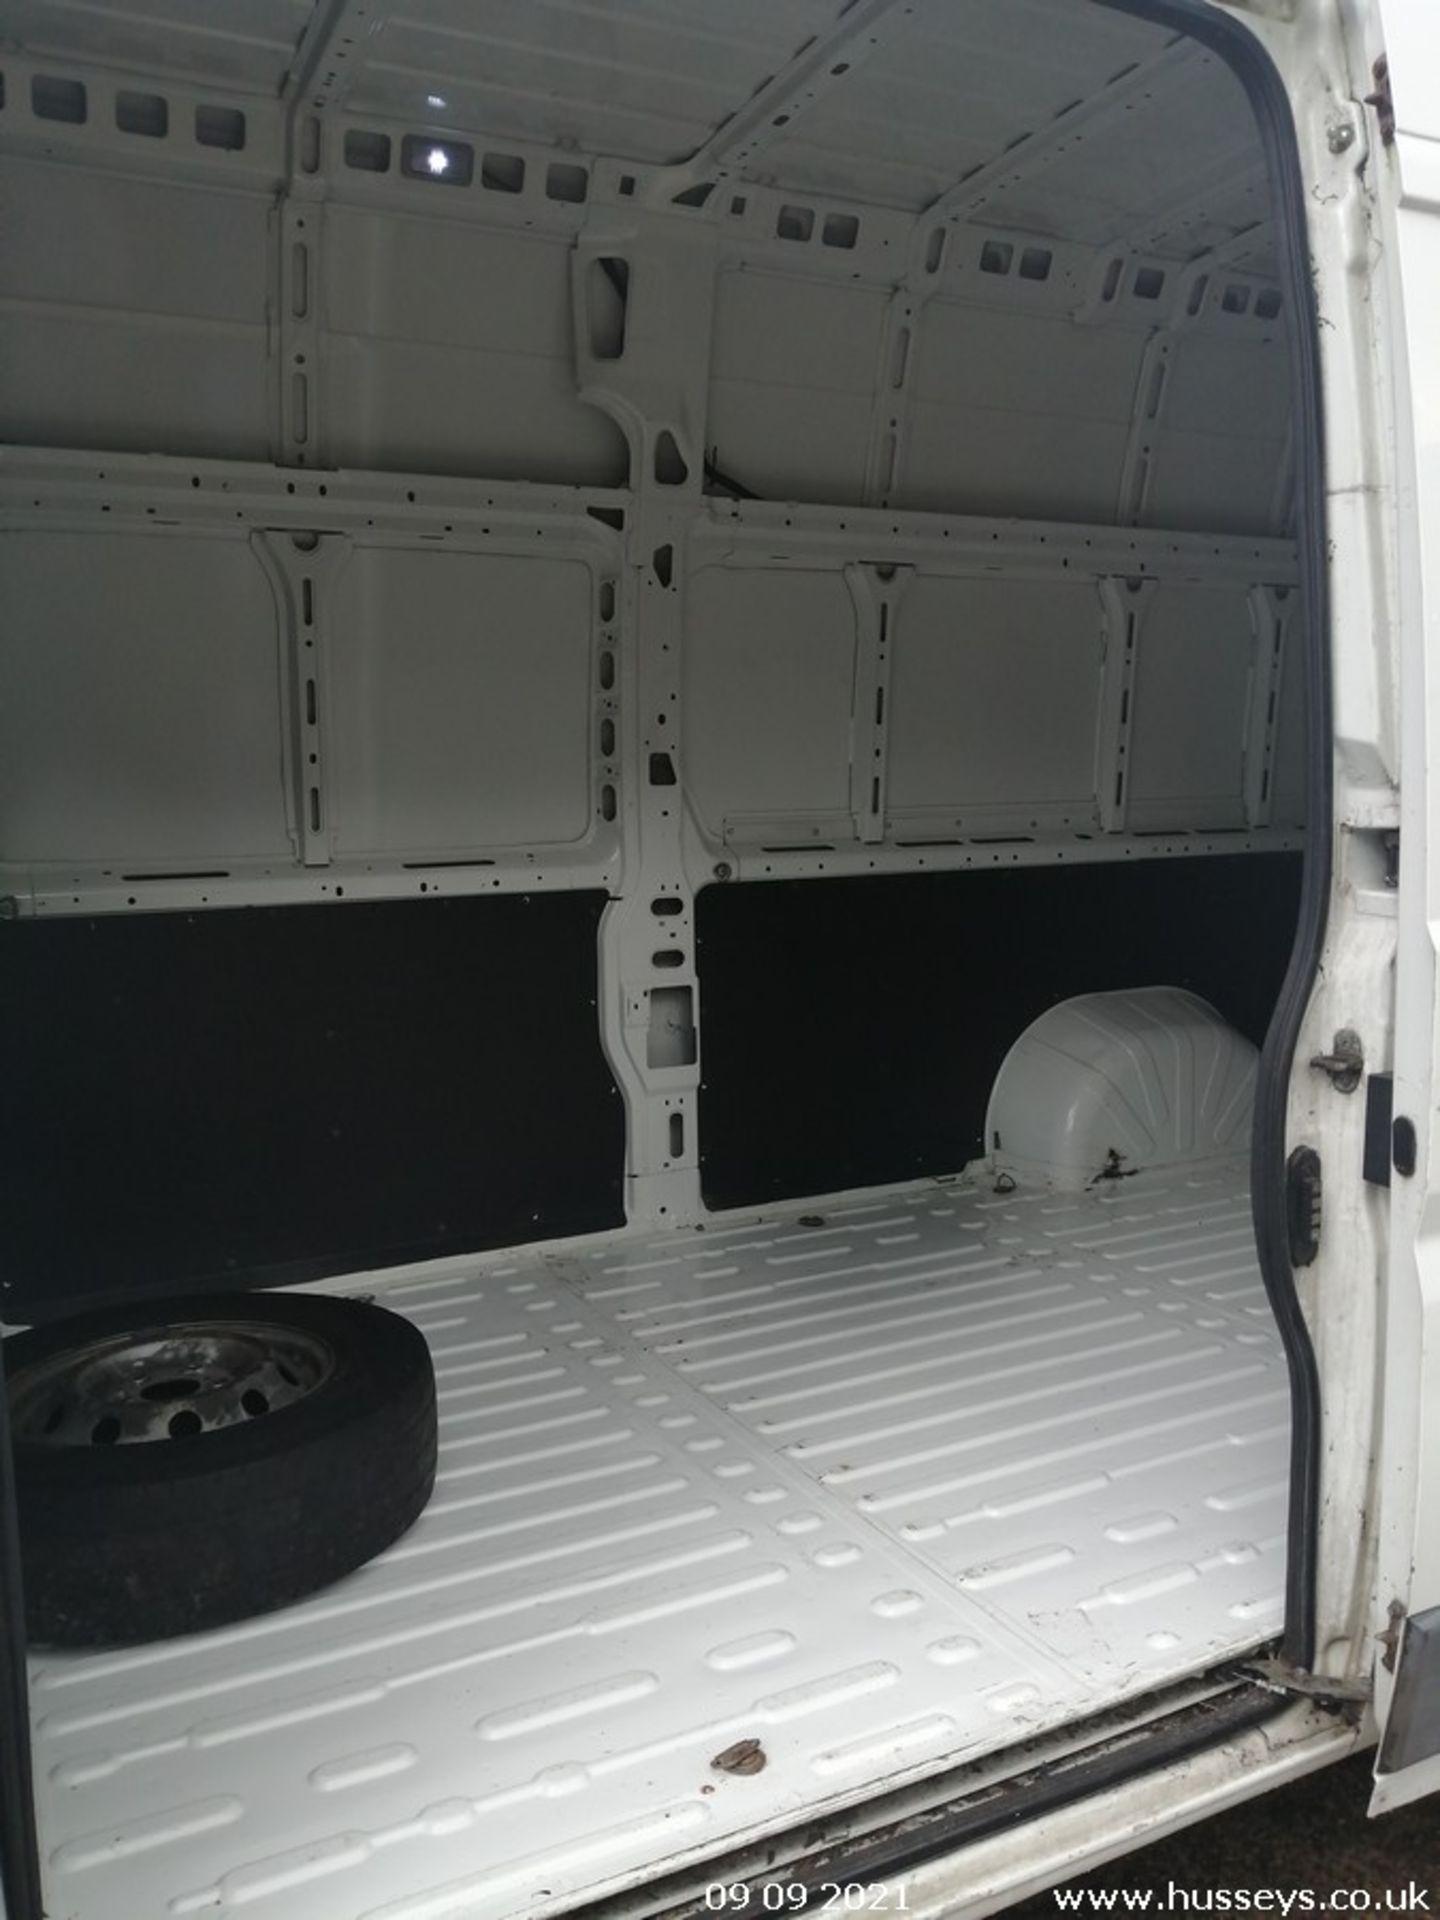 11/61 FIAT DUCATO 35 MAXI160 M-J LWB - 2999cc 5dr Van (White, 108k) - Image 9 of 12